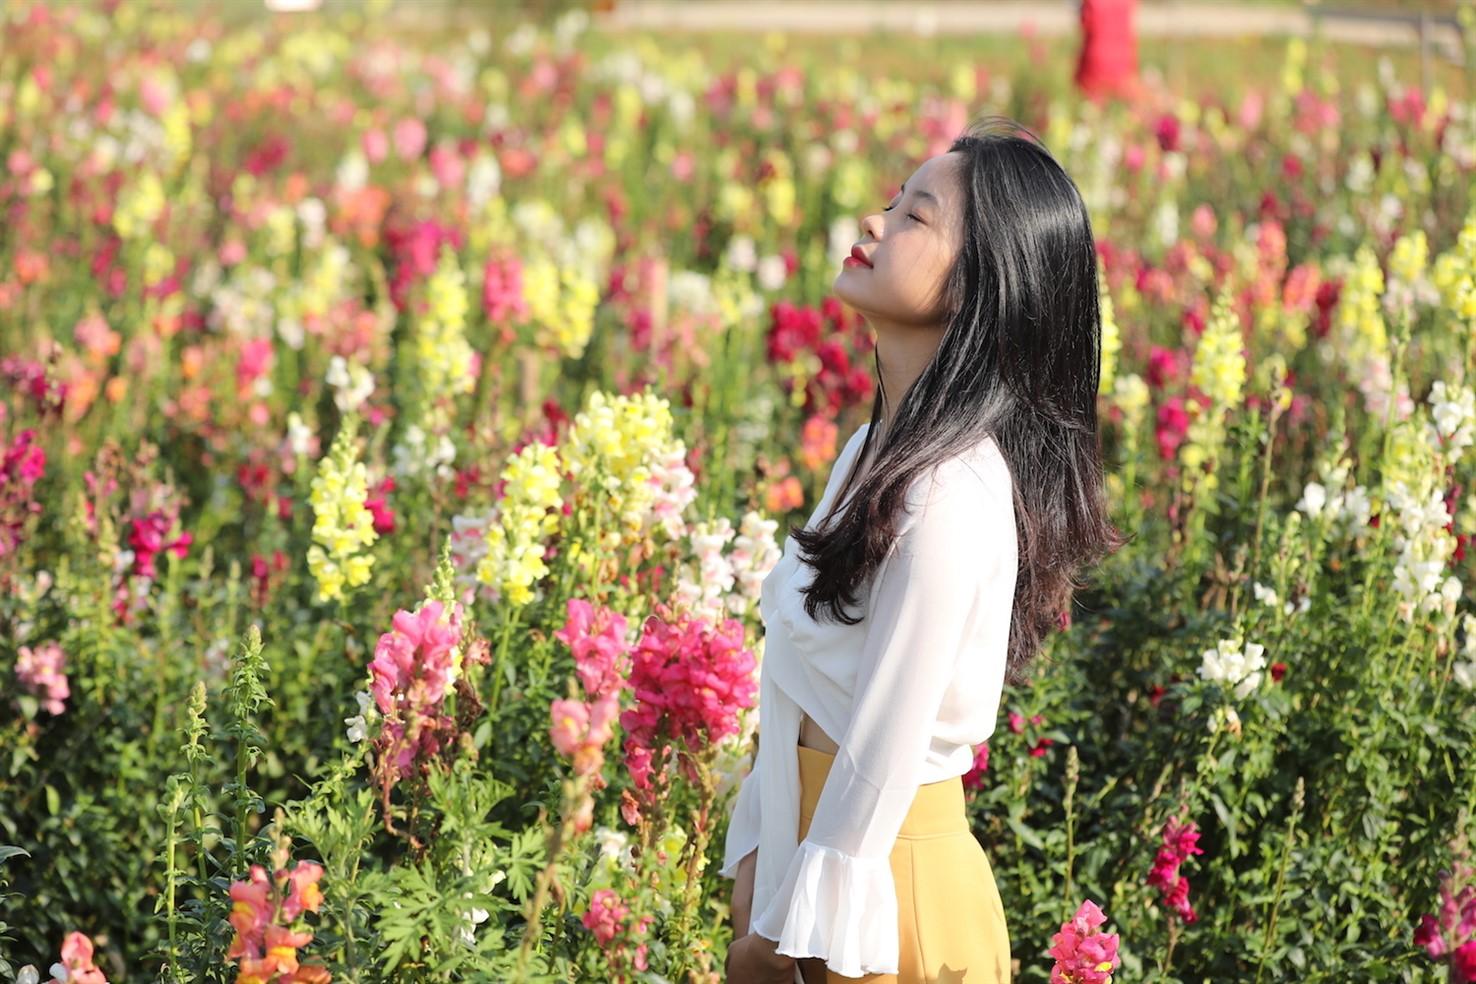 """Kế bên đồi hoa tím biếc, vườn hoa mõm sói đủ sắc màu bừng lên trong nắng dẫn lối du khách đến chợ vùng cao, nơi những sản vật Tây Bắc được chính đồng bào mang tới """"thết đãi"""" khách phương xa."""